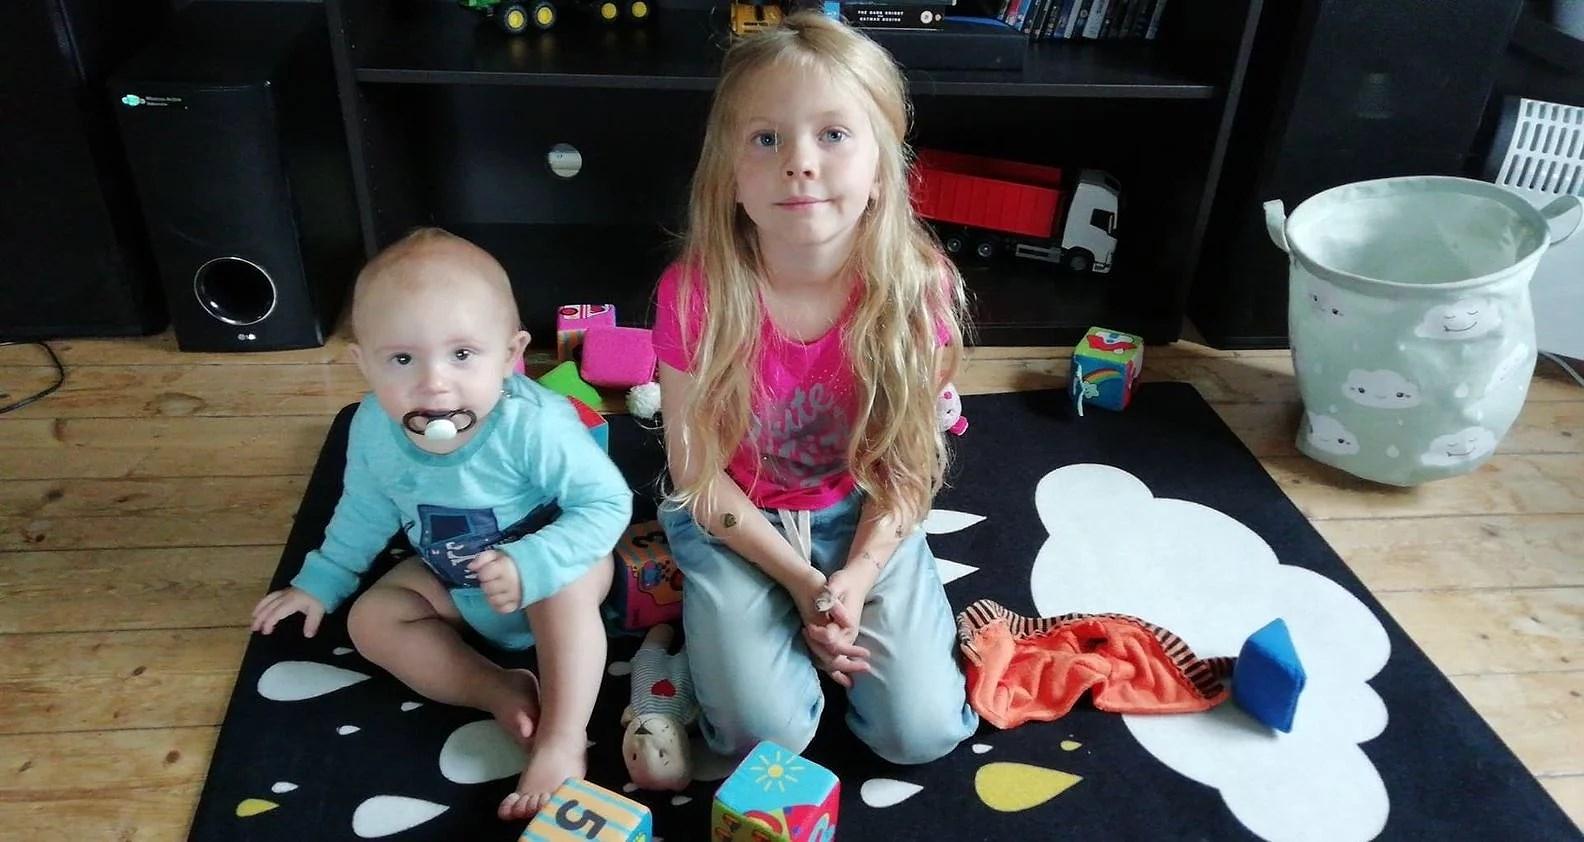 Barnmattor från Kilands mattor